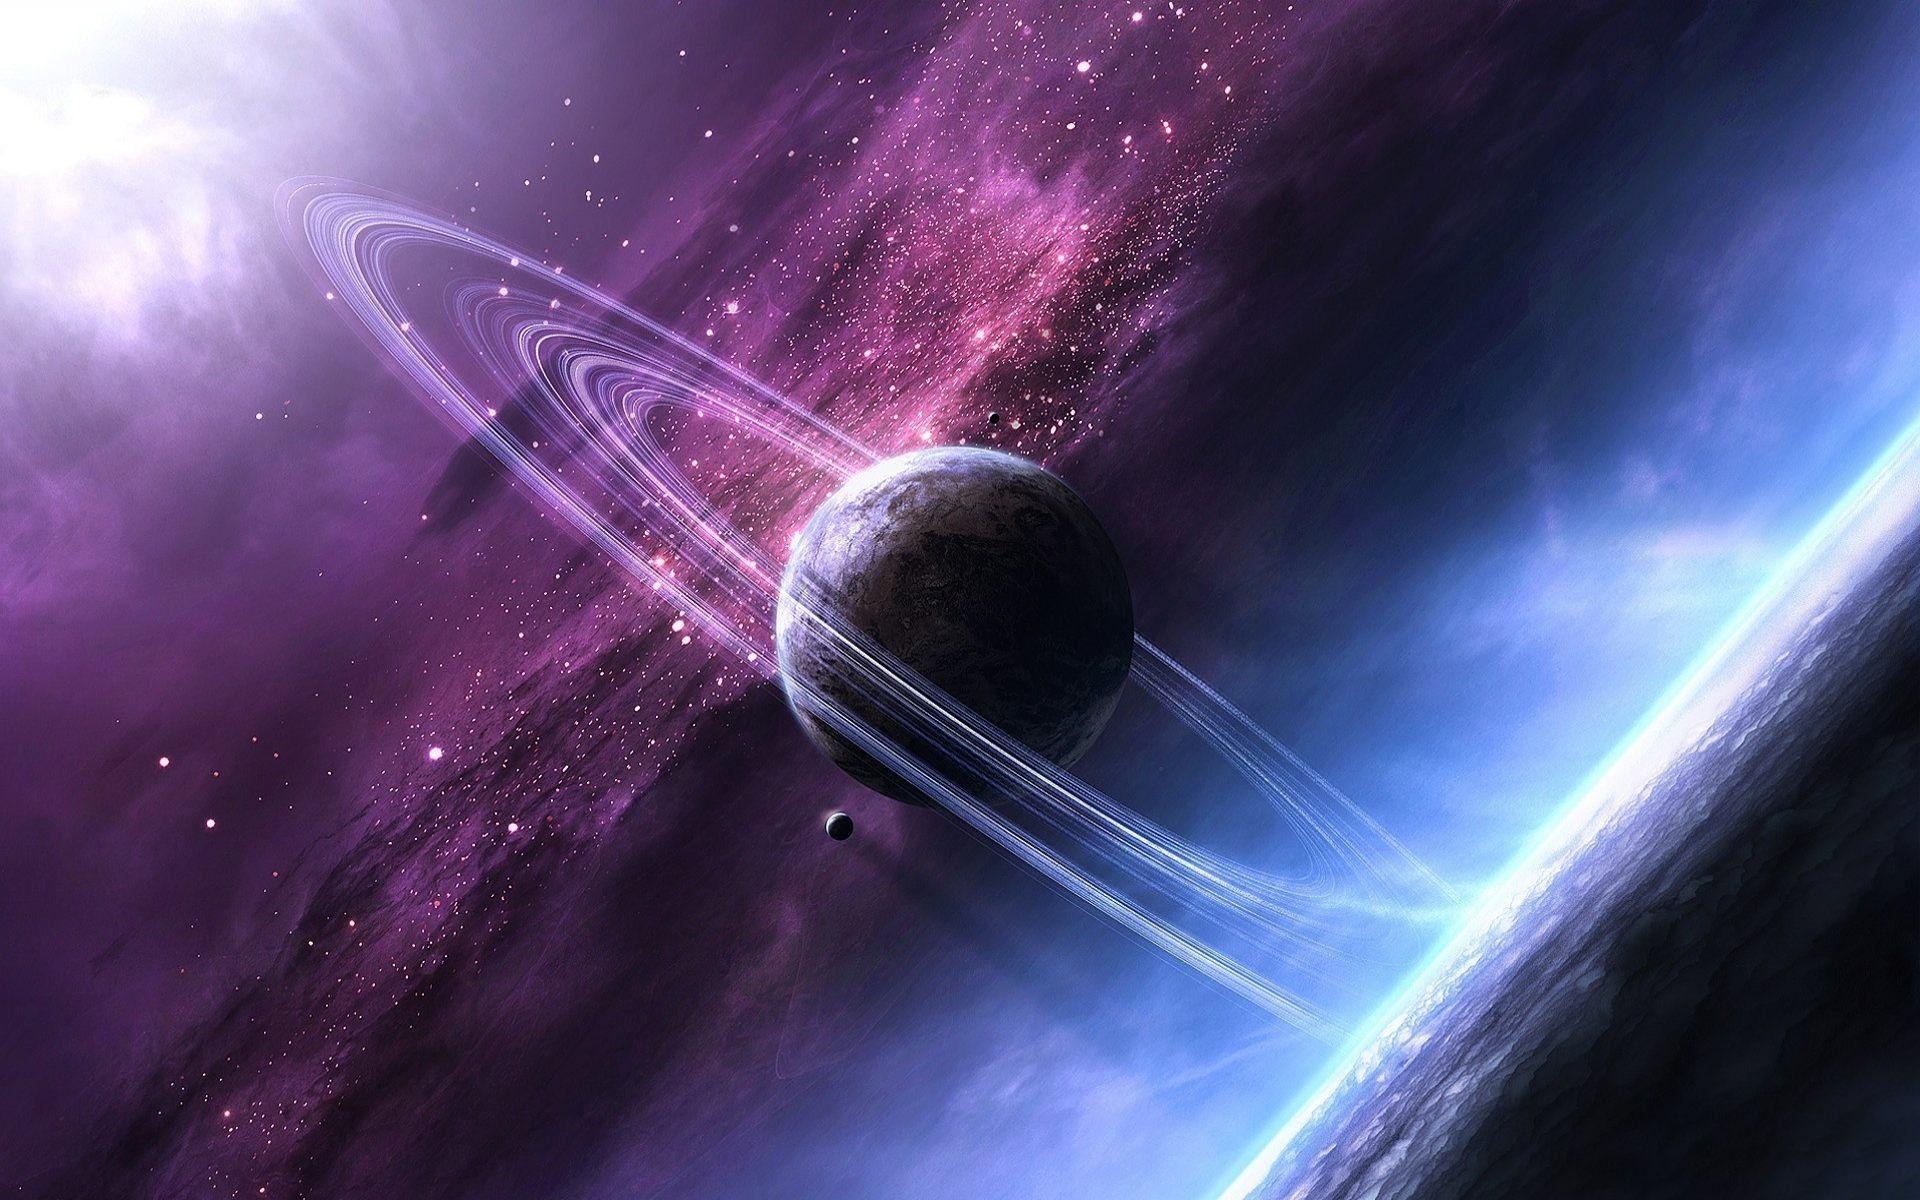 Картинки космос для рабочего стола